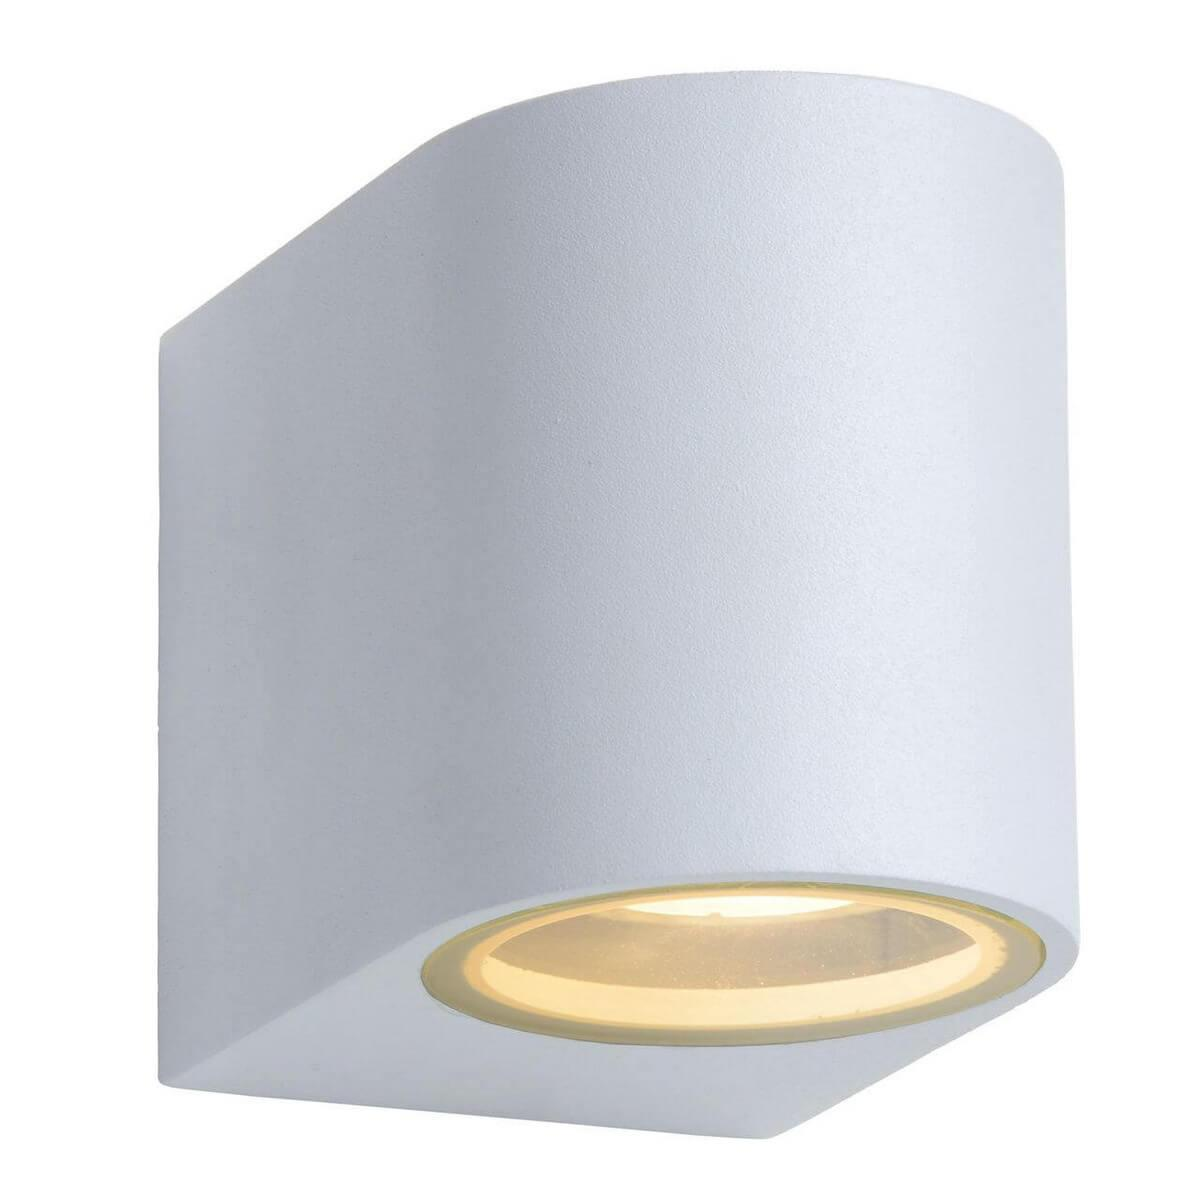 Уличный светильник Lucide 22861/05/31, GU10 светильник lucide tonga 79459 25 31